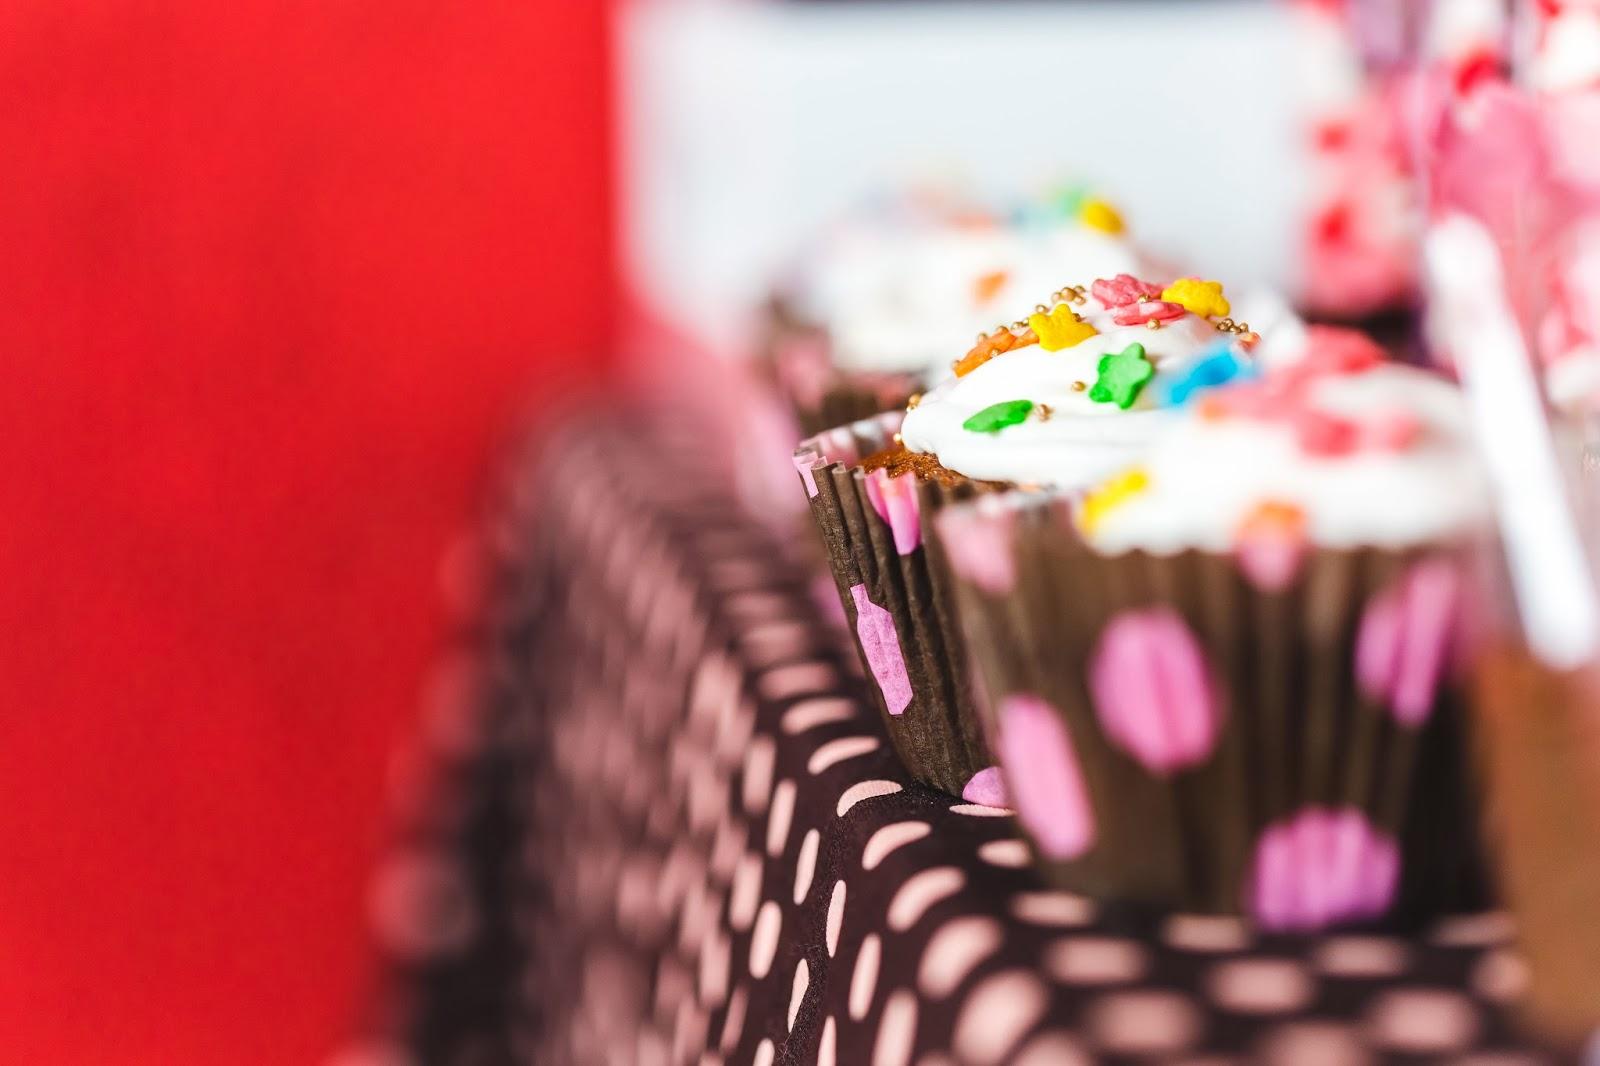 chá - chá de panela - chá rosa marrom - paleta rosa marrom - guloseimas - mesa doces - cupcake